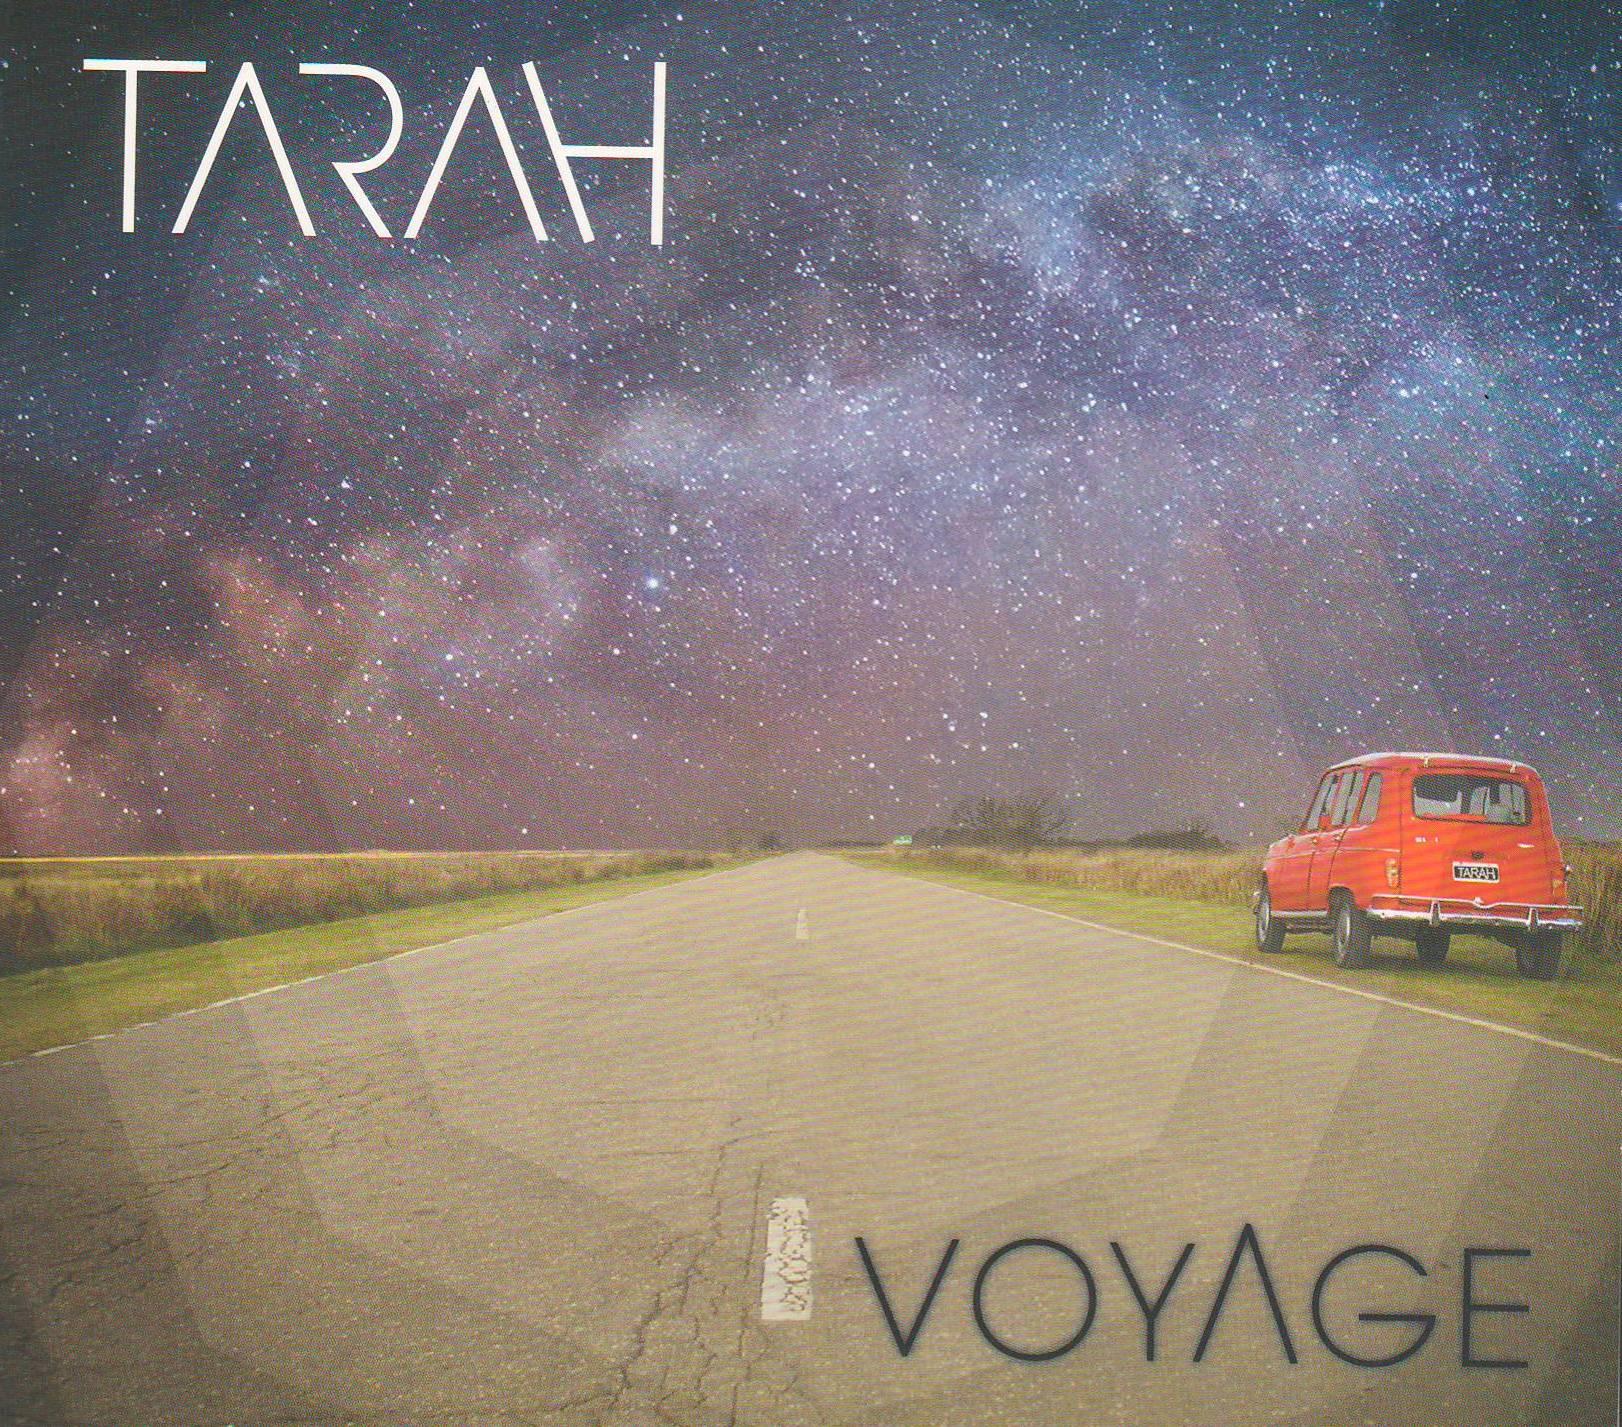 20. Tarah Voyage 2014